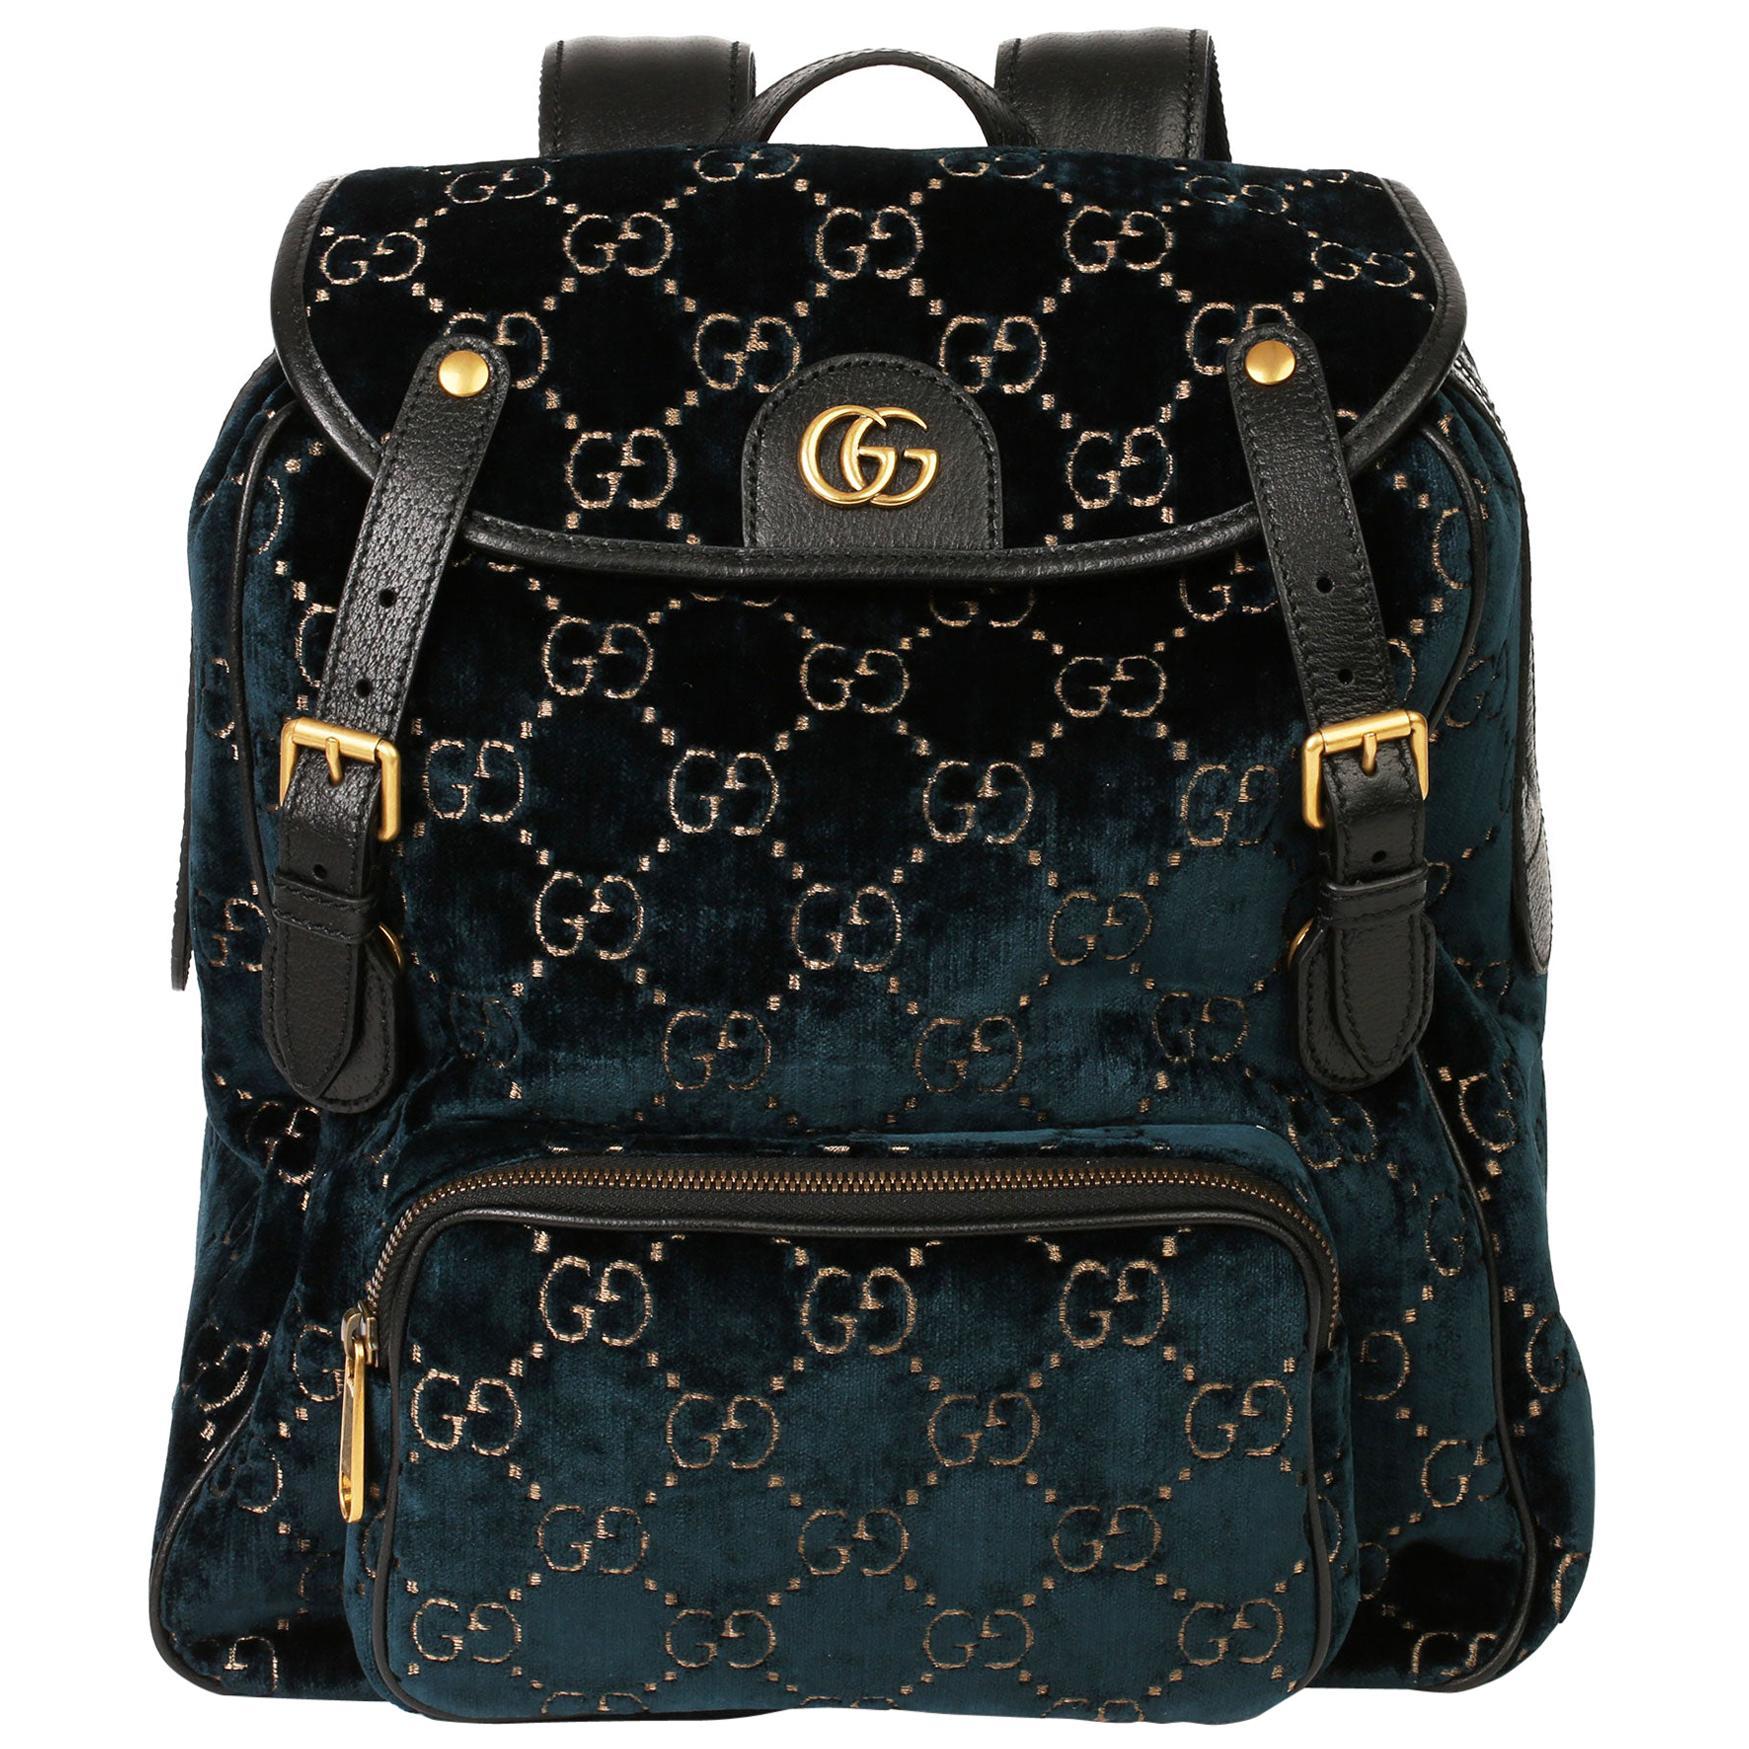 2020 Gucci Dark Blue GG Velvet & Black Pigskin Small Marmont Backpack